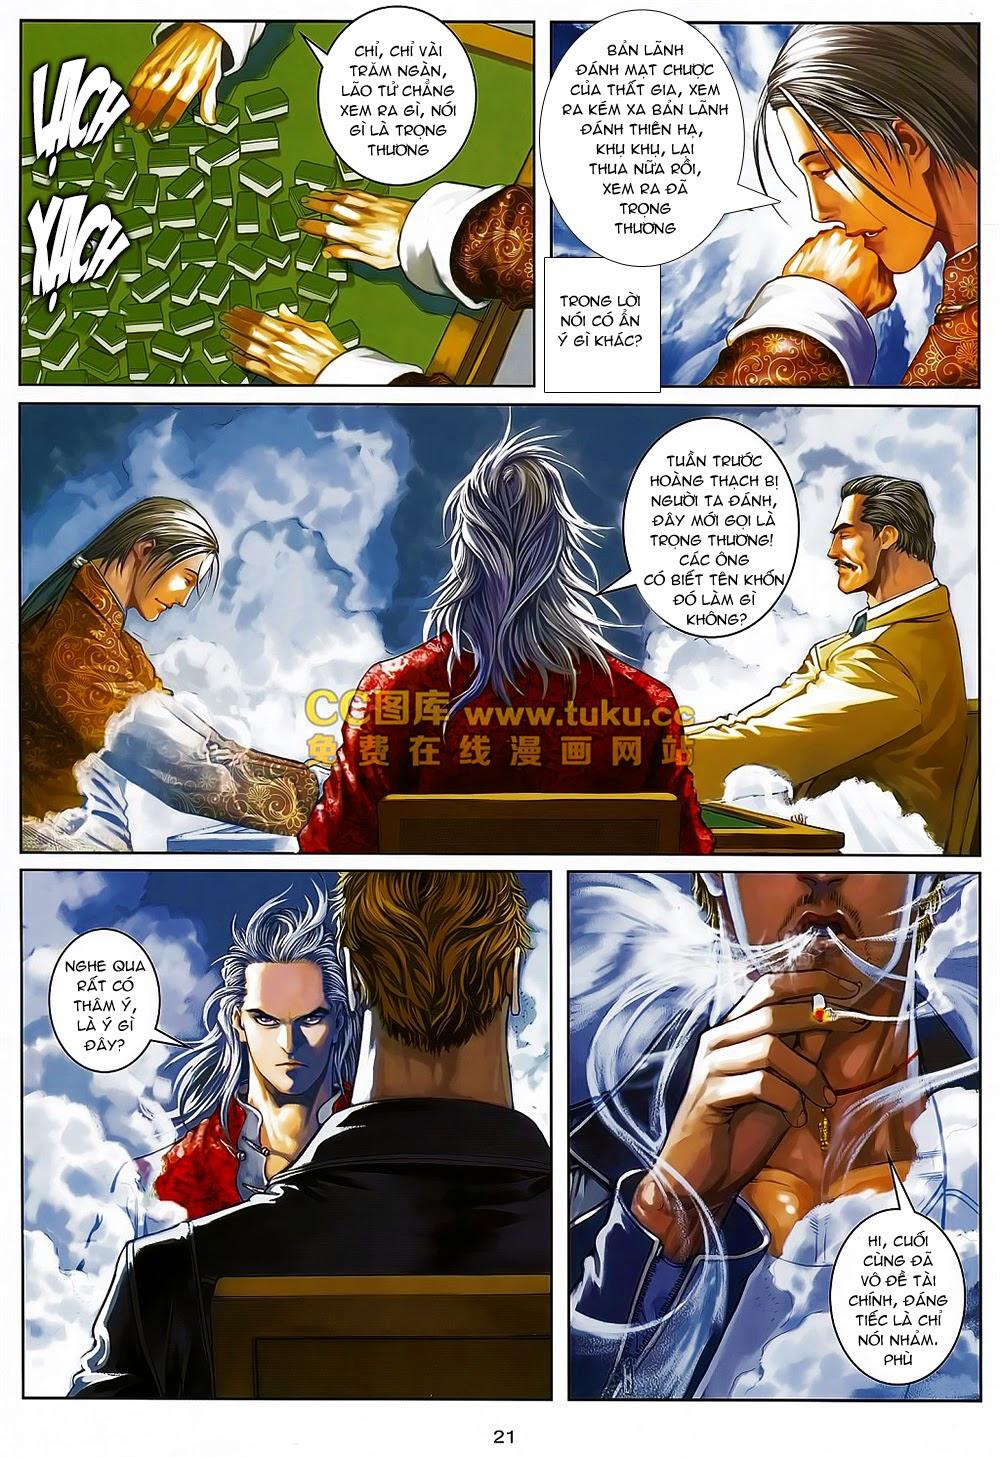 Quyền Đạo chapter 6 trang 20